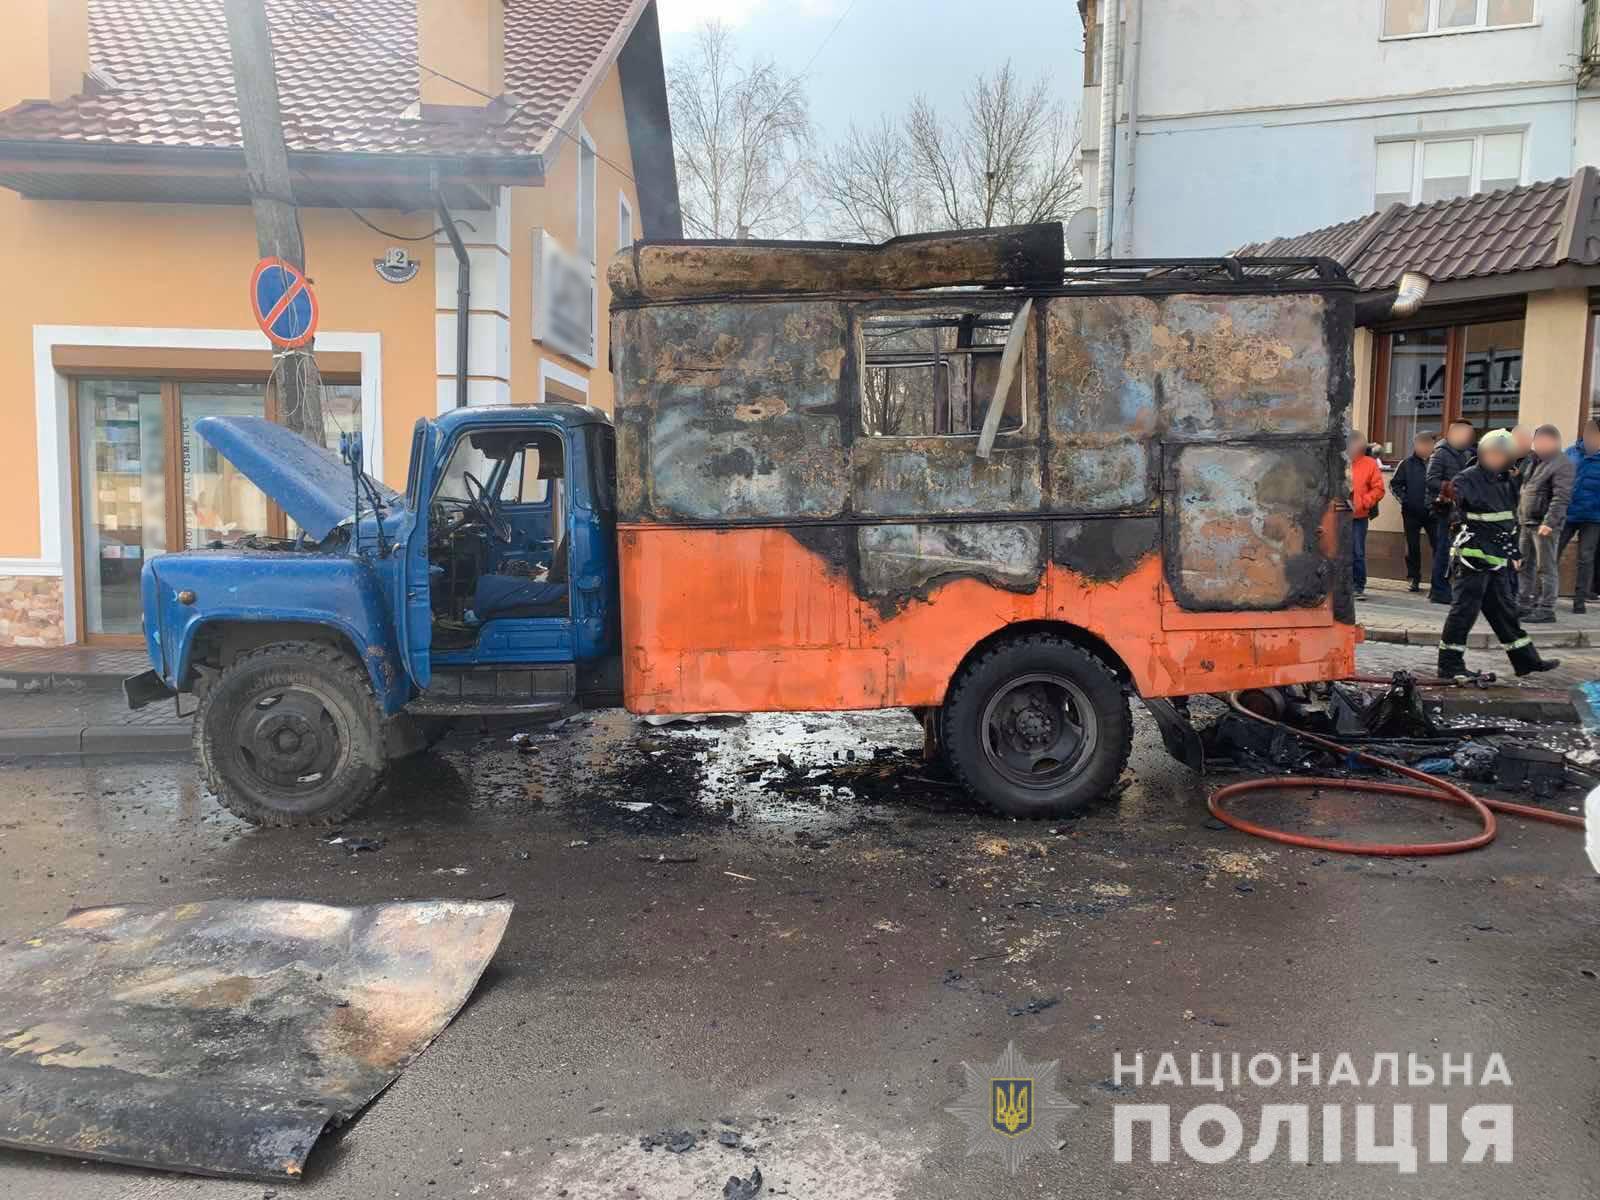 У Володимирі-Волинському на вулиці згоріла вантажівка